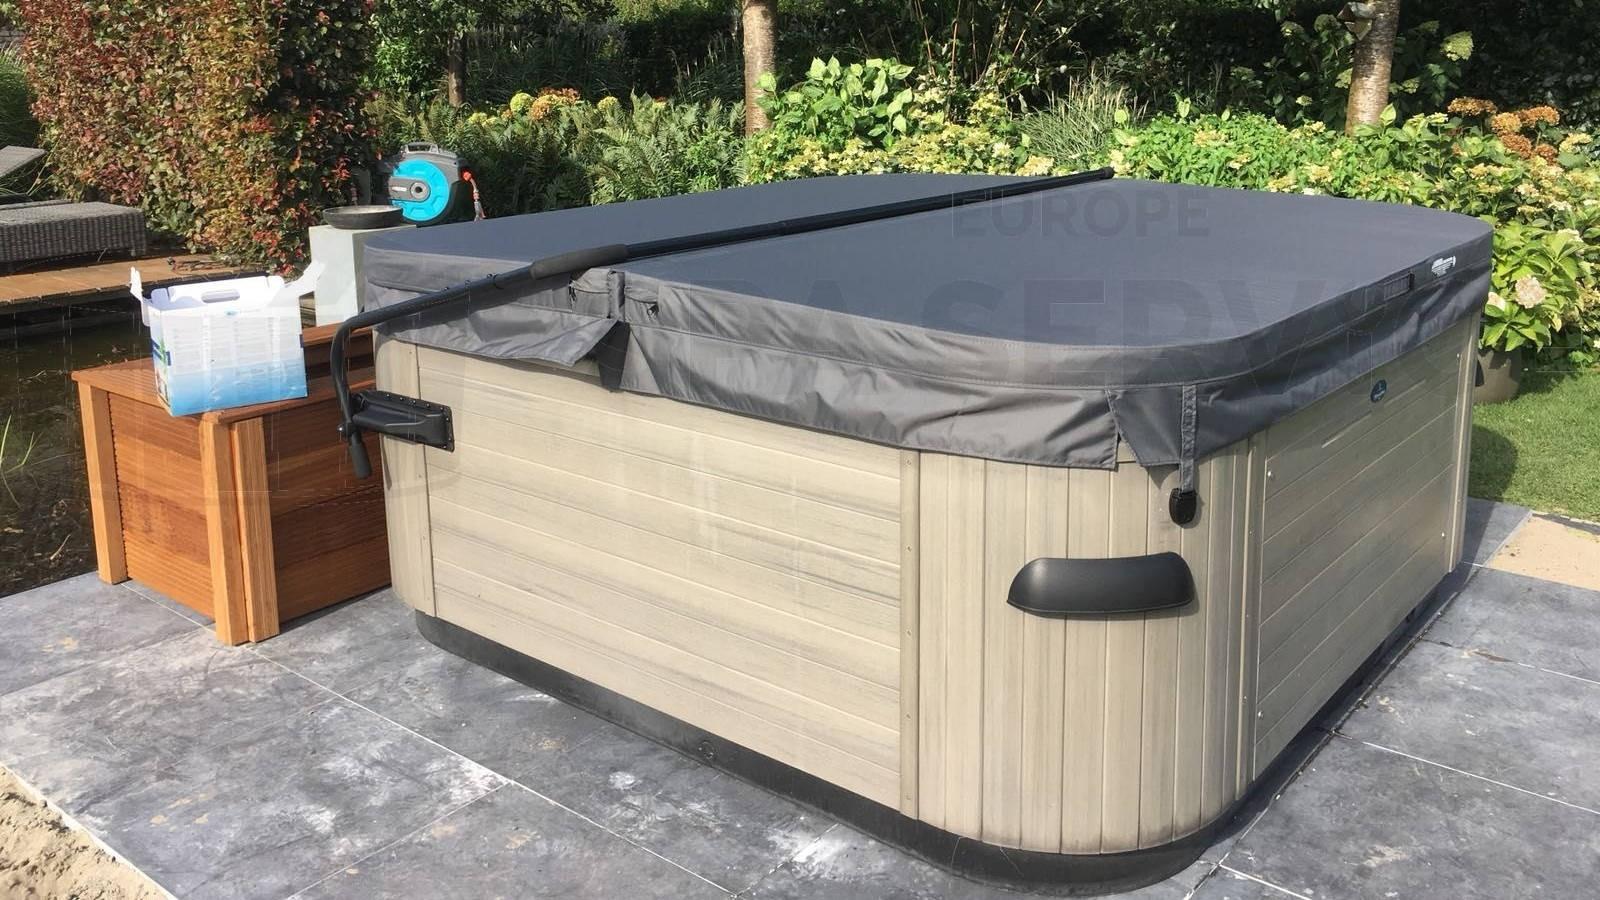 Spa cover en coverlift gemonteerd op een Villeroy & Boch 562E spa in Wagenberg